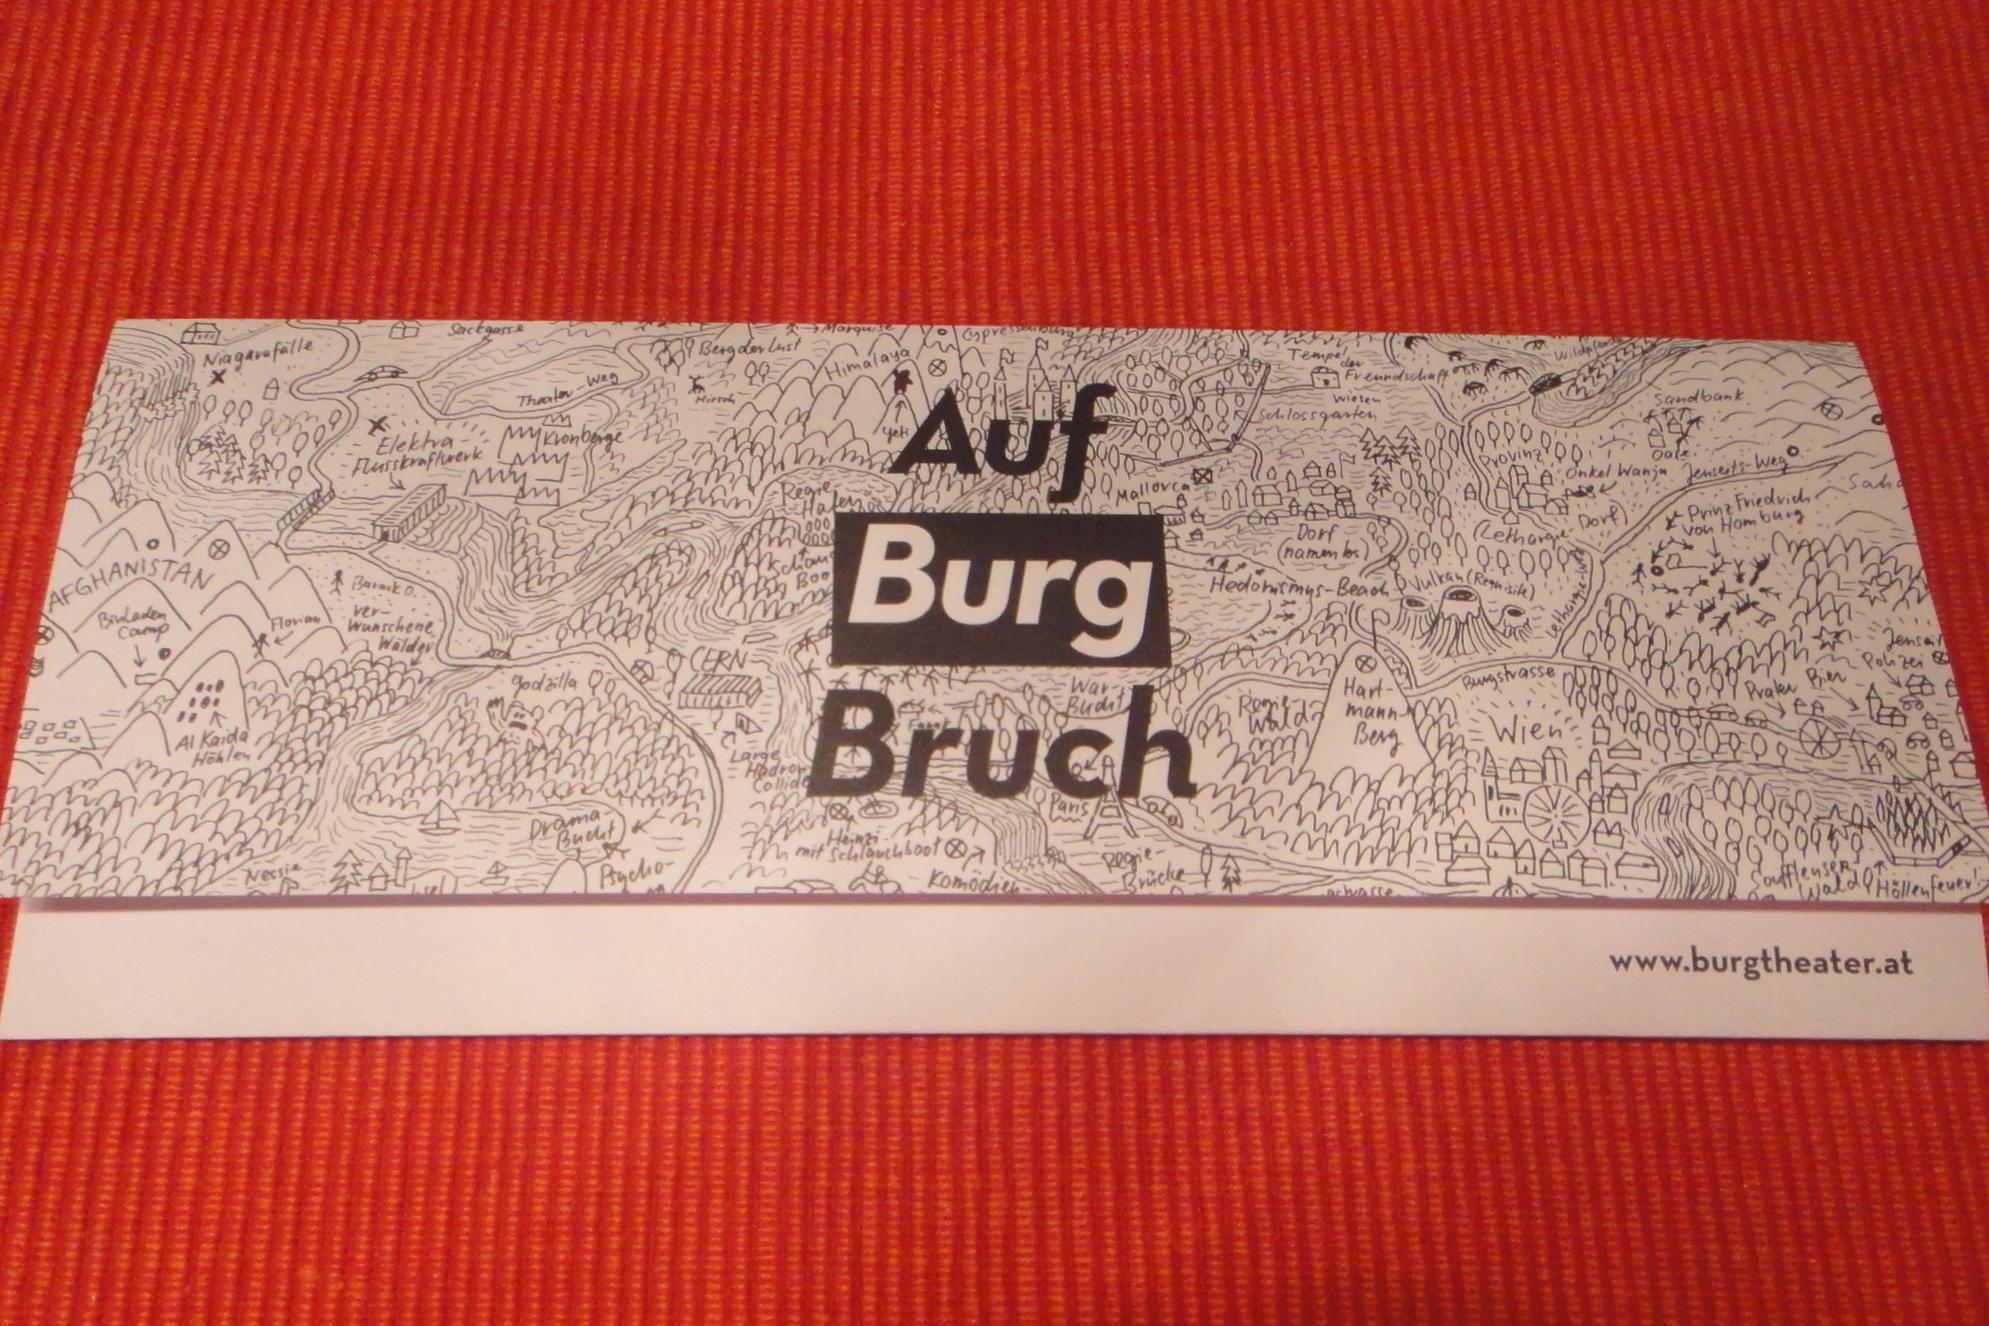 Burgtheater Vienna, Austria